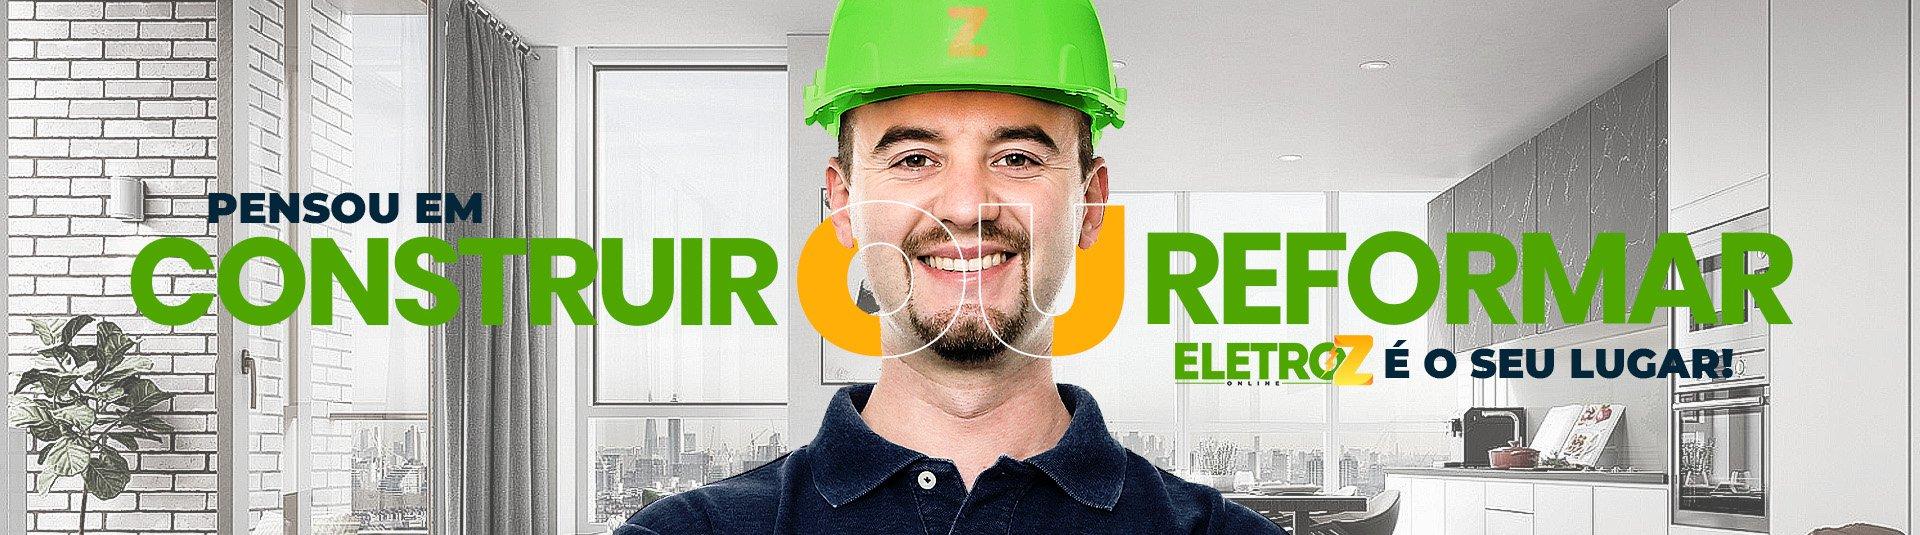 Construir e Reformar